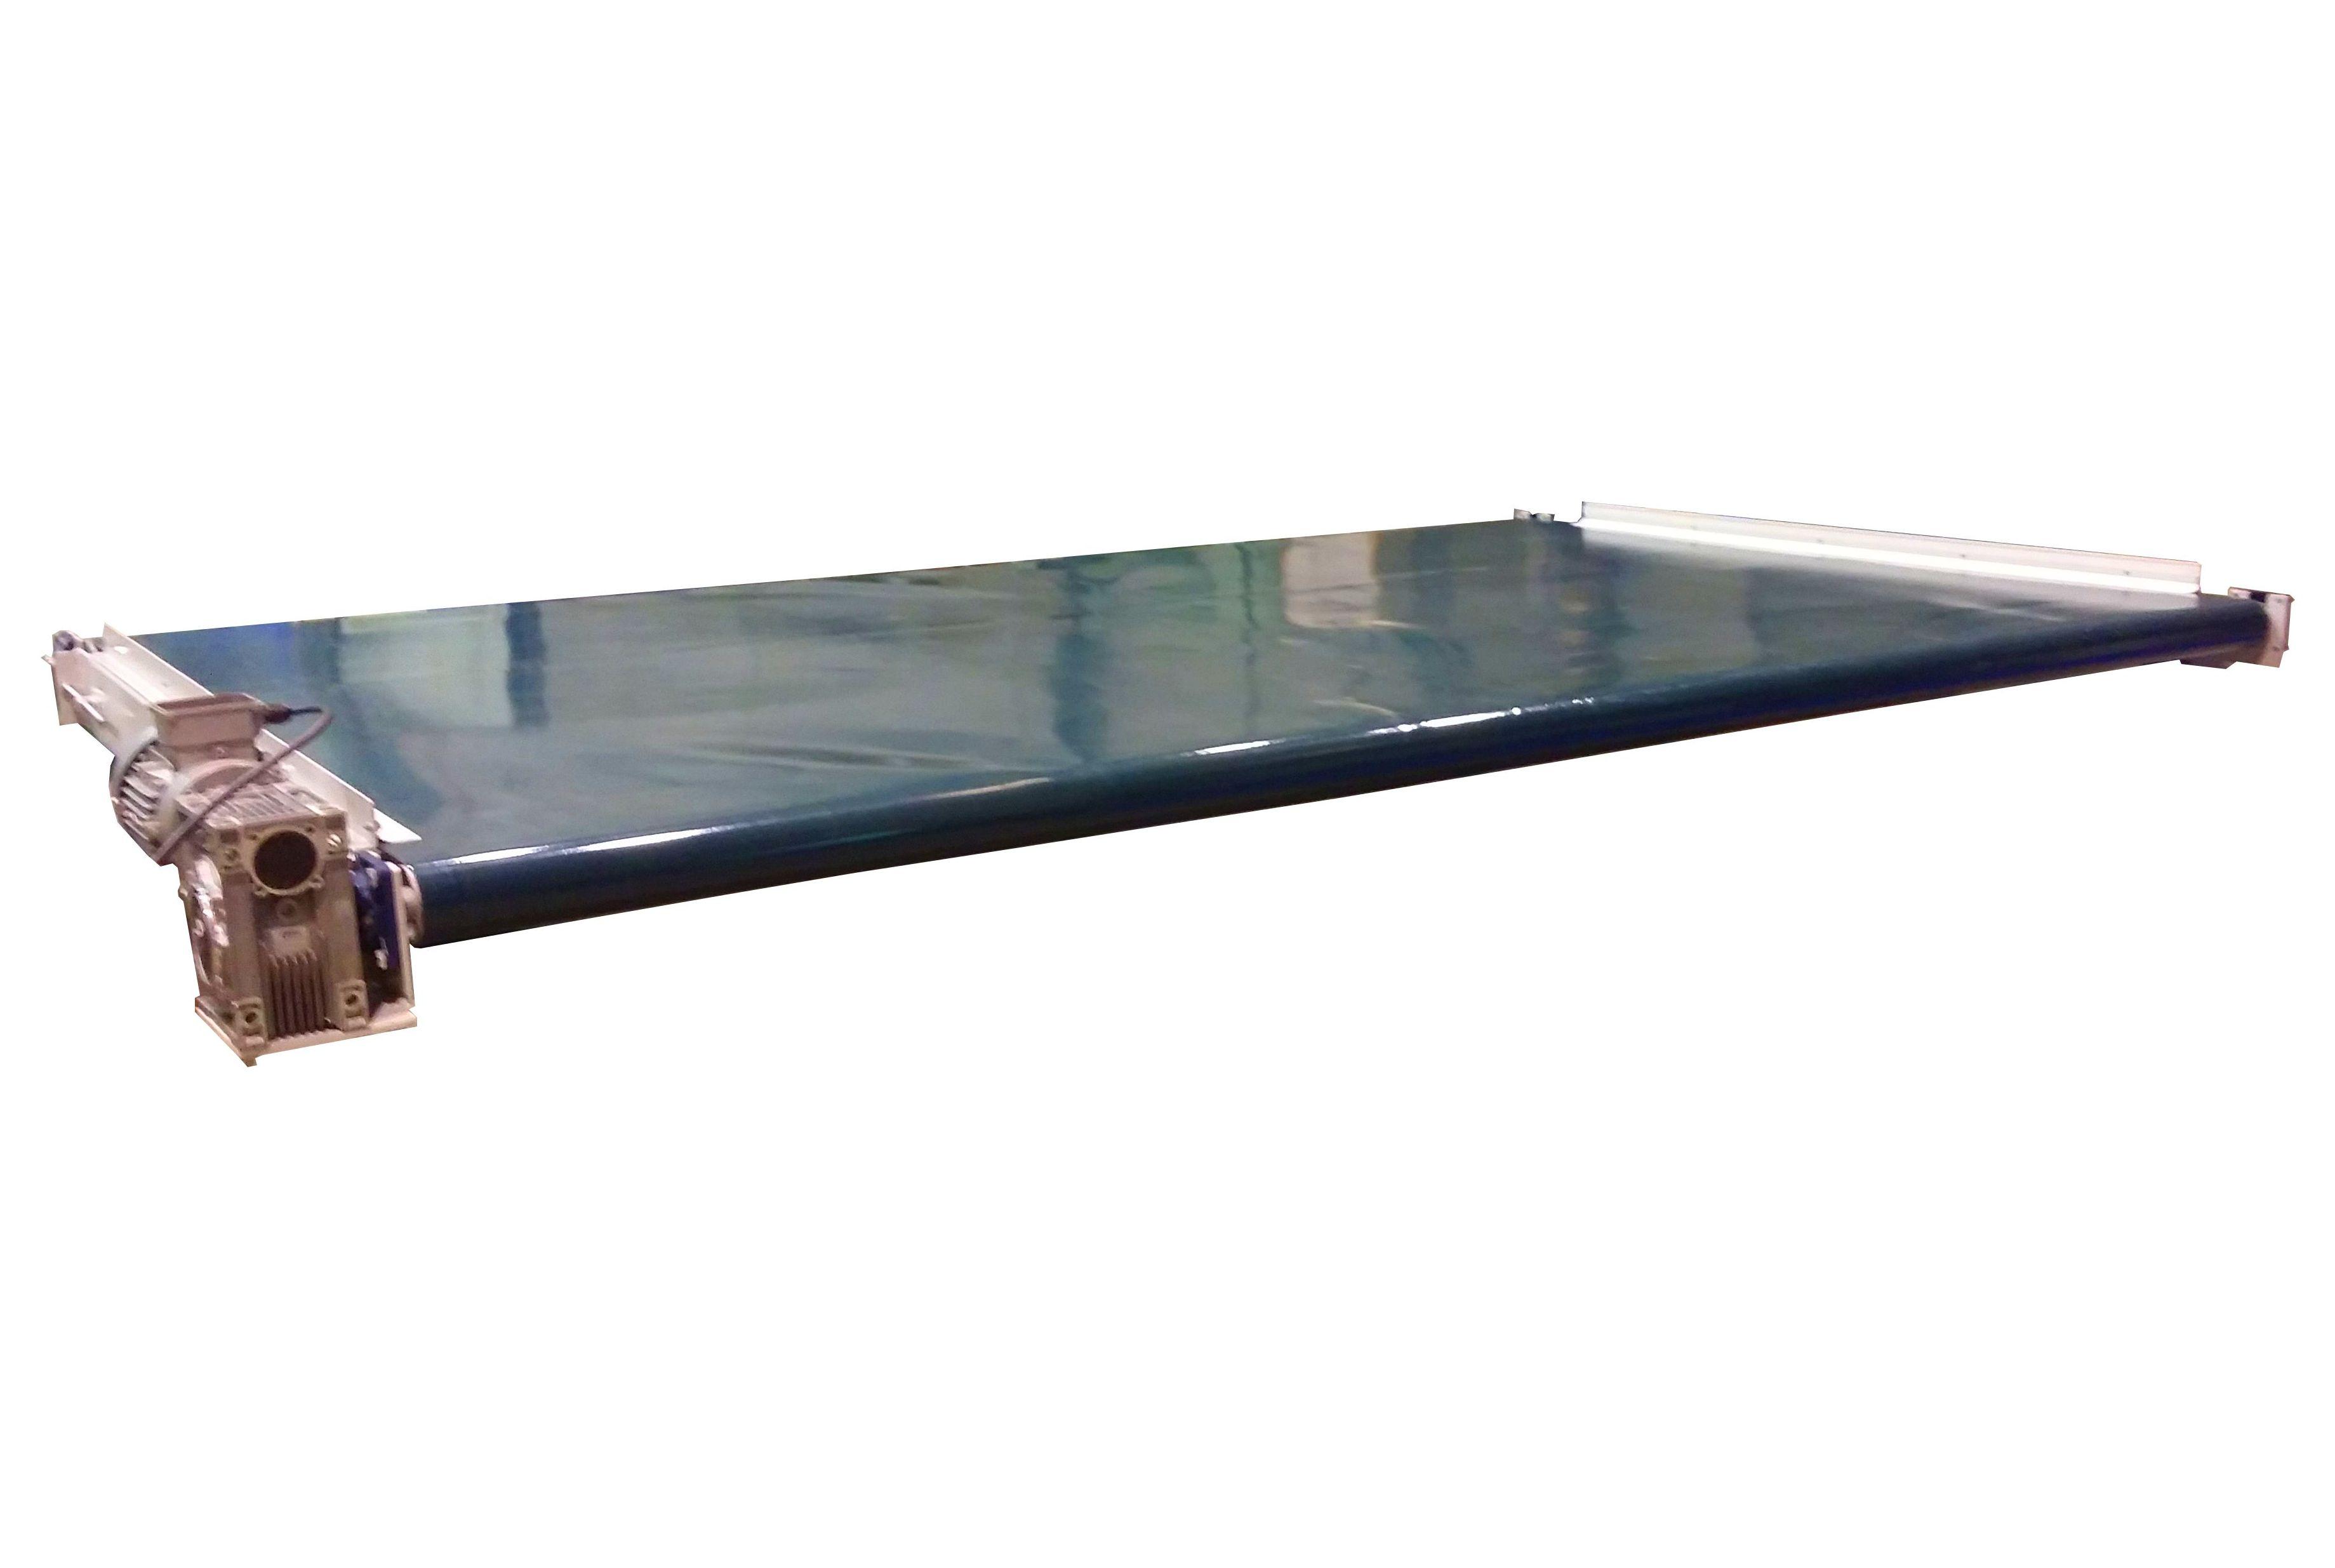 Cinta transportadora cuna Chapa 3500 de ancho x 2090 de largo